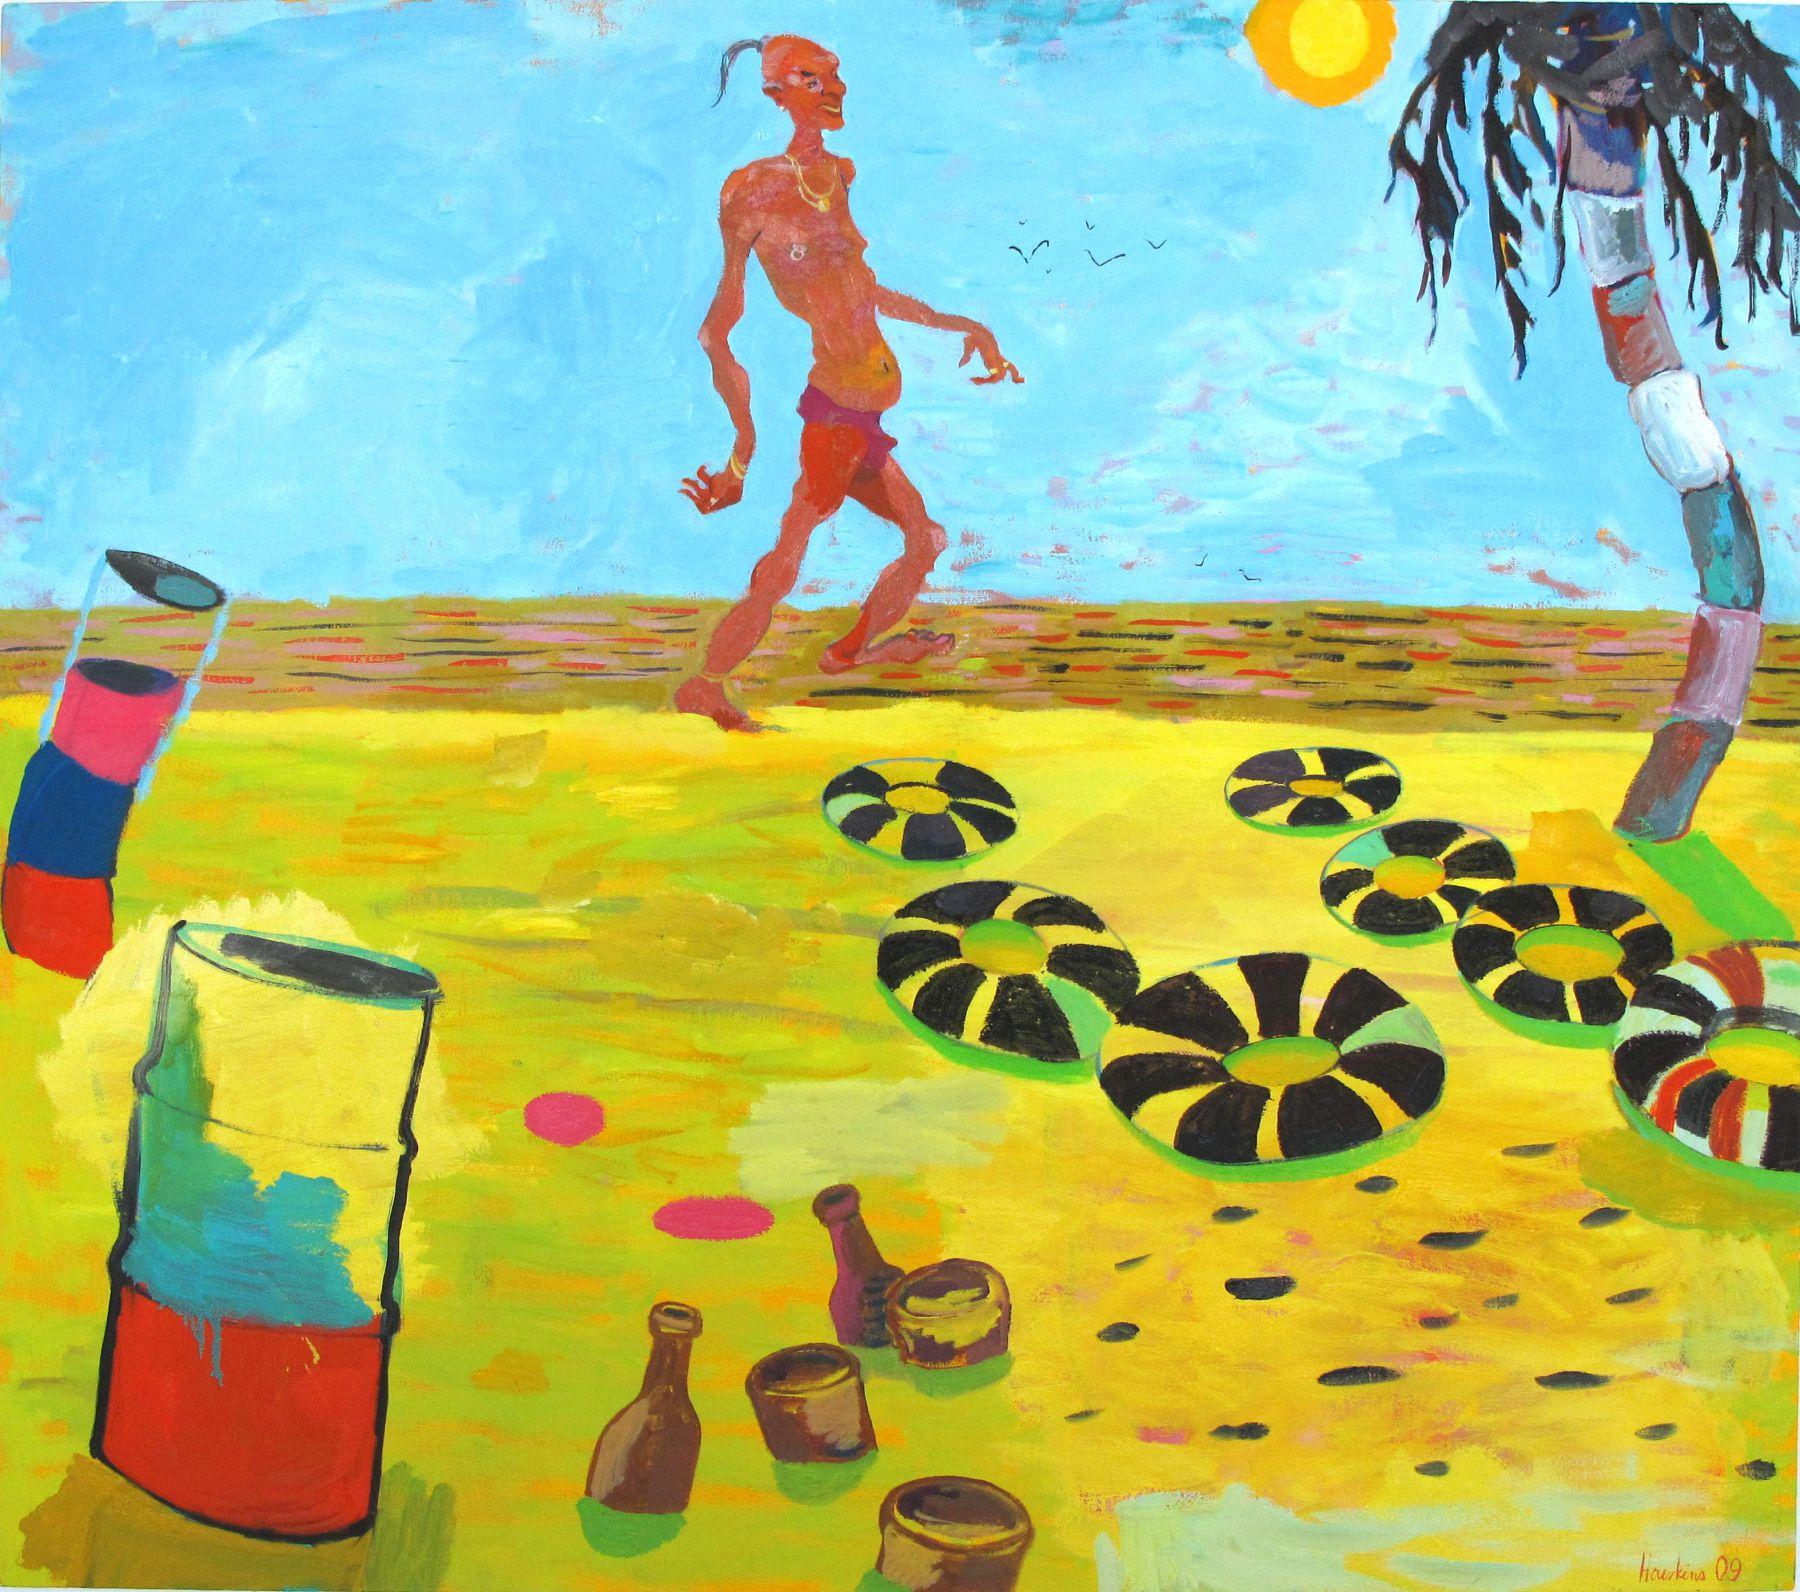 Herr Ledermann, Ex-pat., 2009, oil on linen